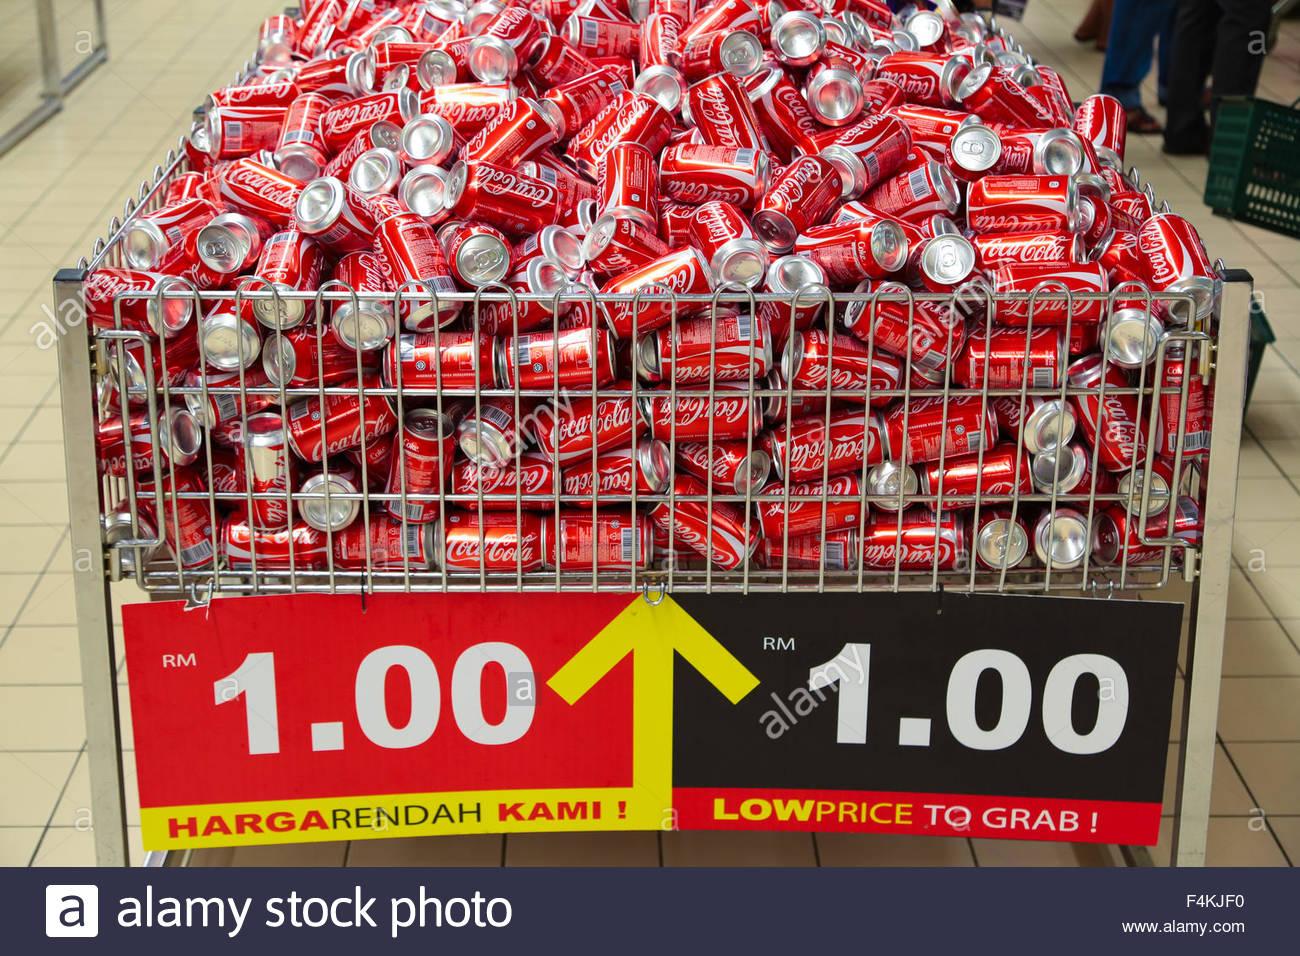 有本事就送我30罐可乐吧!图取自:alamy